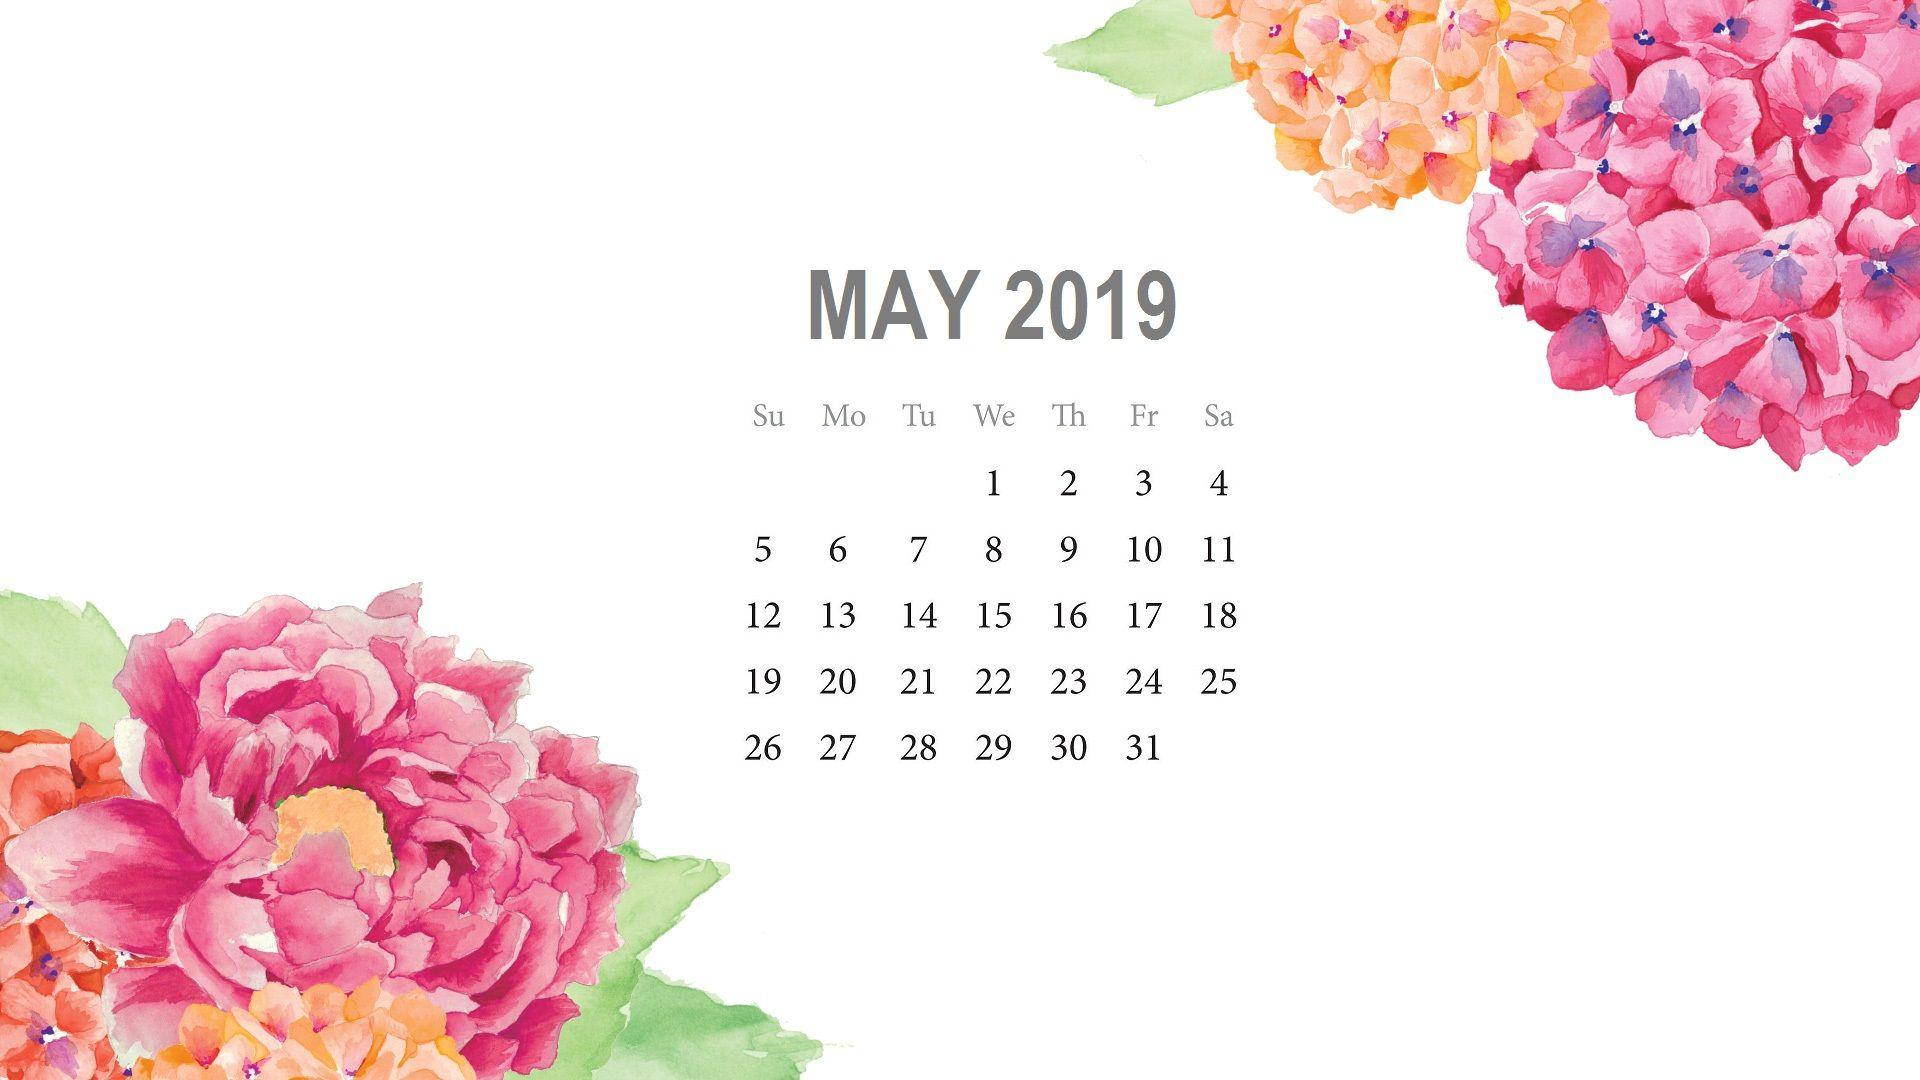 Monthly Desktop Calendar 2019 Wallpapers Calendar 2019 Calendar Wallpaper Desktop Calendar Backgrounds Desktop